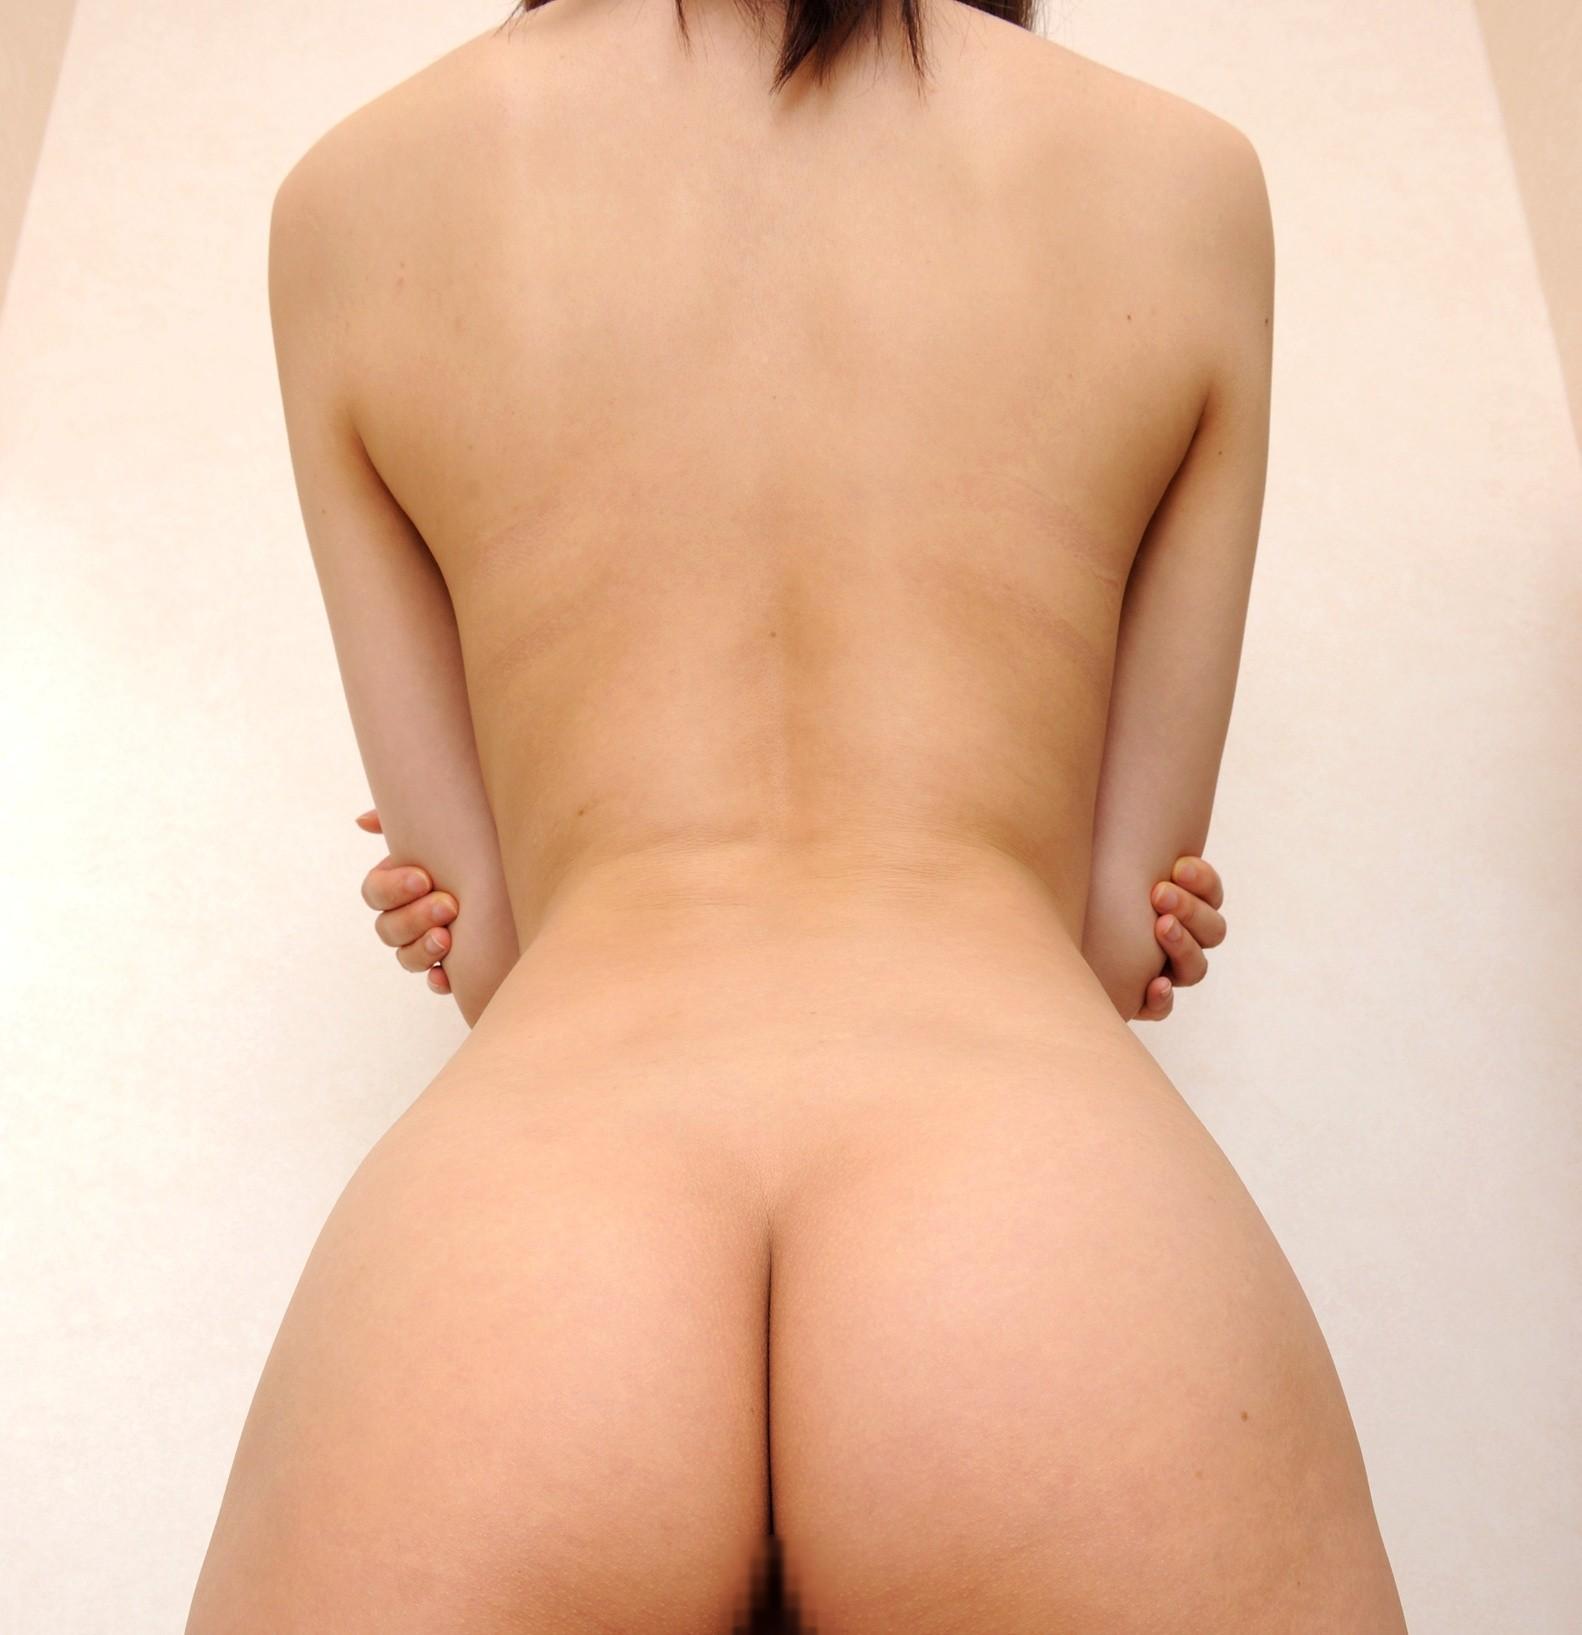 【背中フェチエロ画像】うなじから下まで舐め回したい…少し見える乳もたまらん女体の後ろwww 12